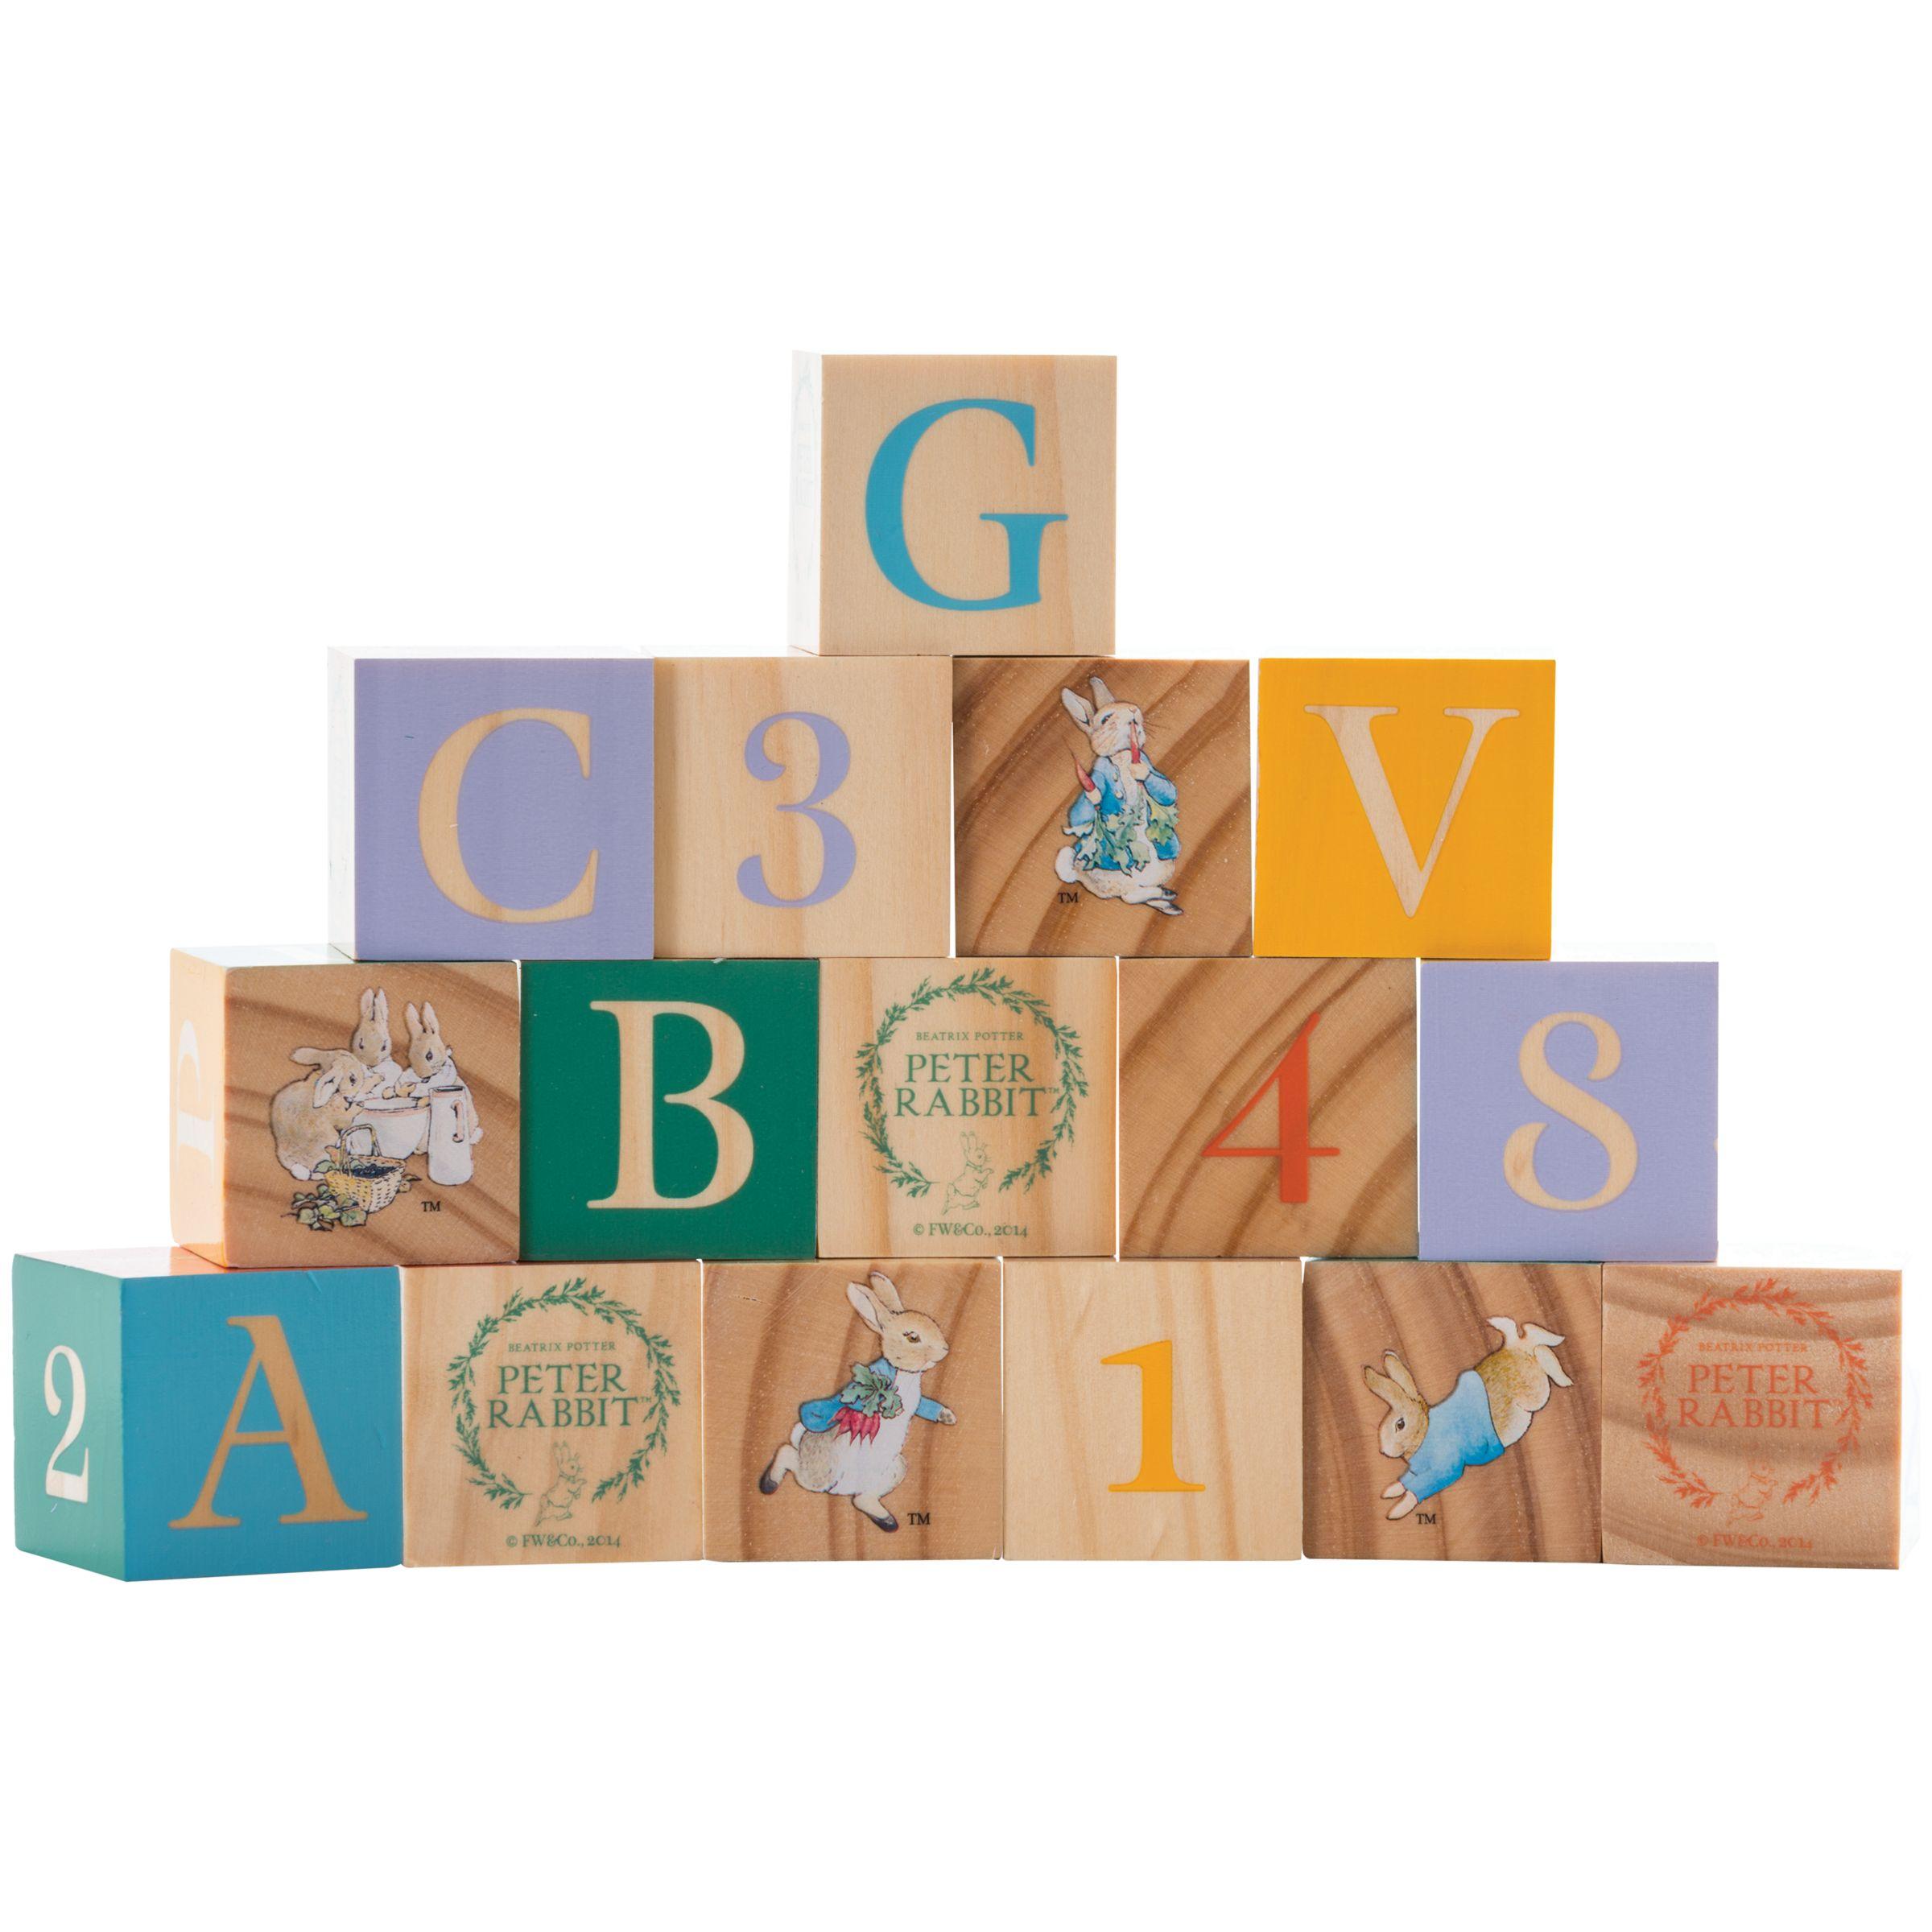 Beatrix Potter Beatrix Botter Peter Rabbit Wooden Picture Blocks Set, 16 Pieces